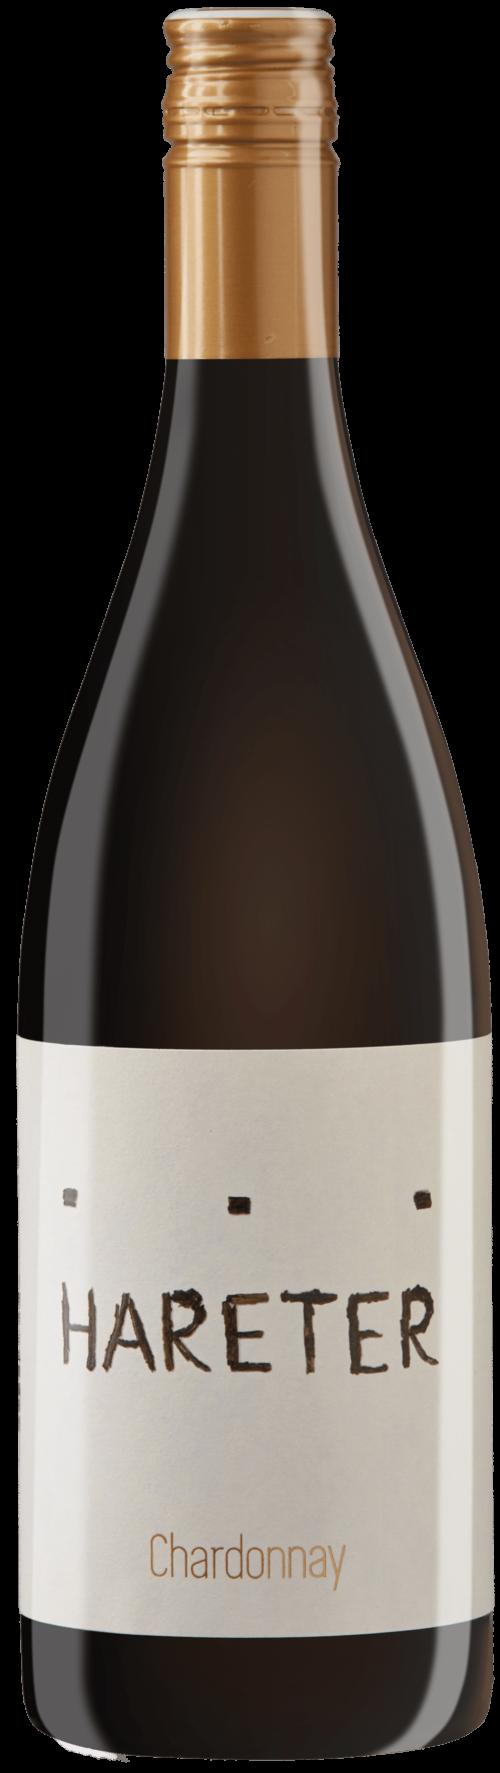 Hareter-Chardonnay_Kranawitzl-Naturwein-Burgenland